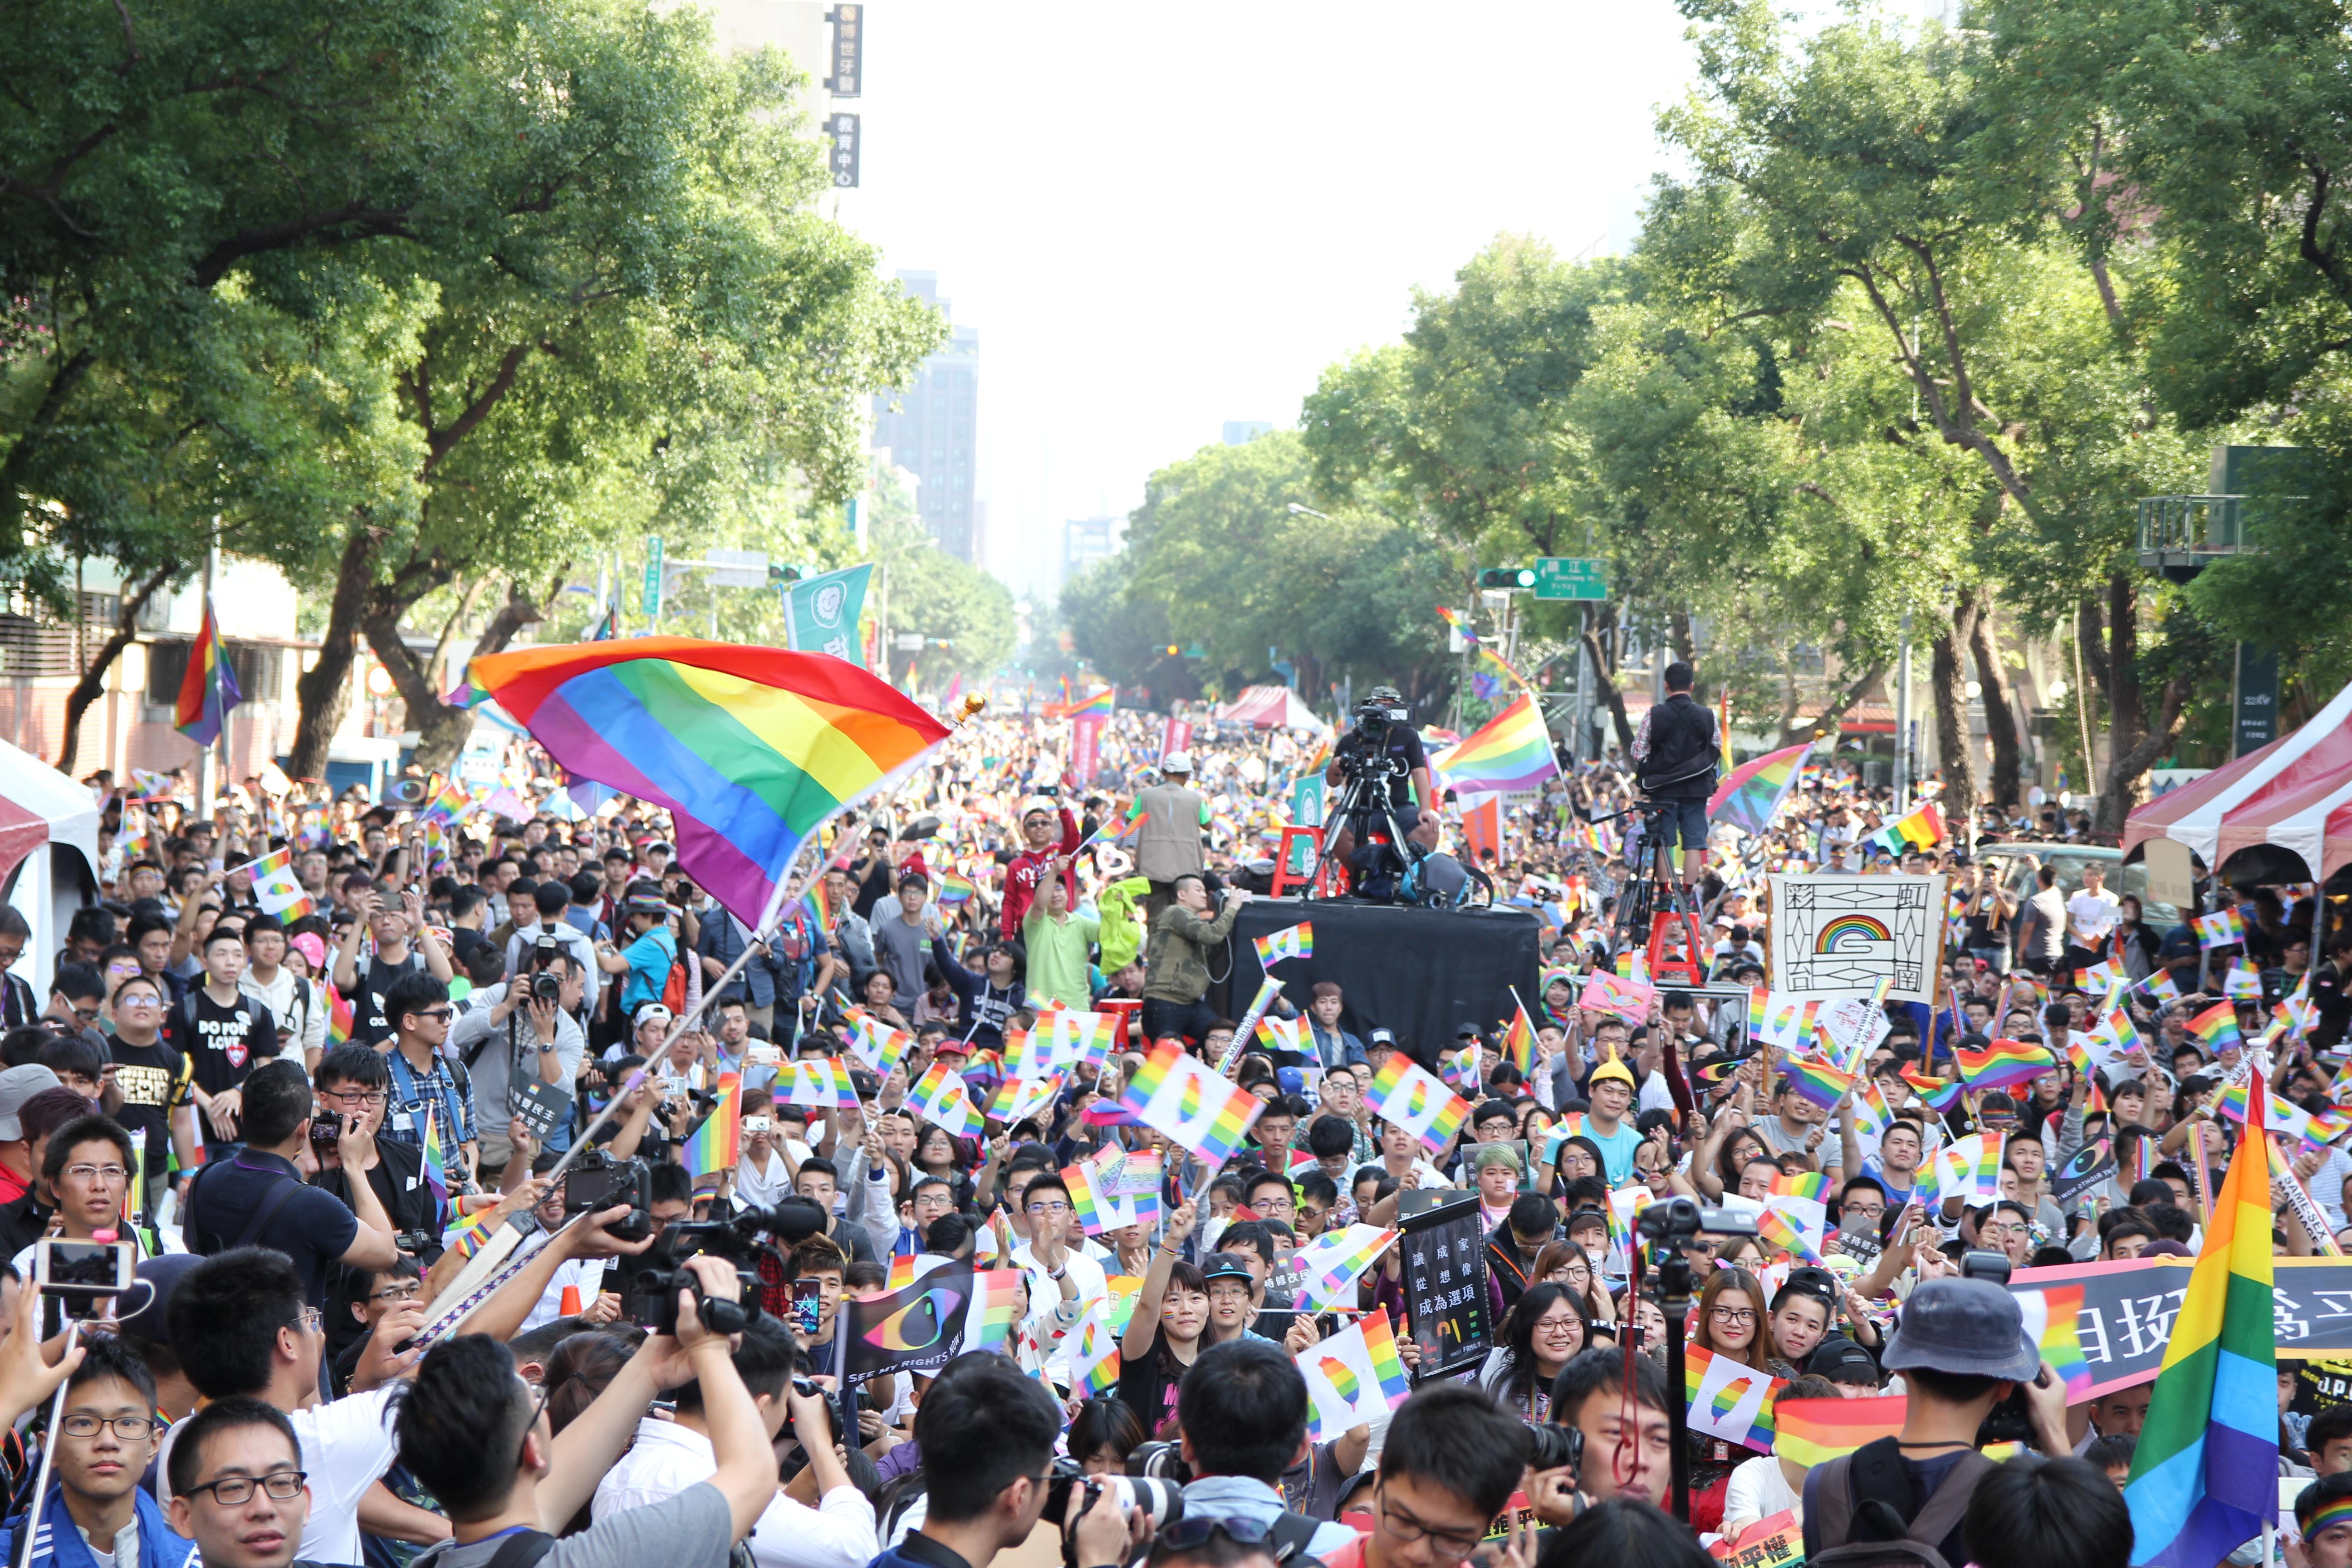 同婚專法上路滿一周年,彩虹平權大平台發起「看見彩虹好日|不再恐同集資計畫」